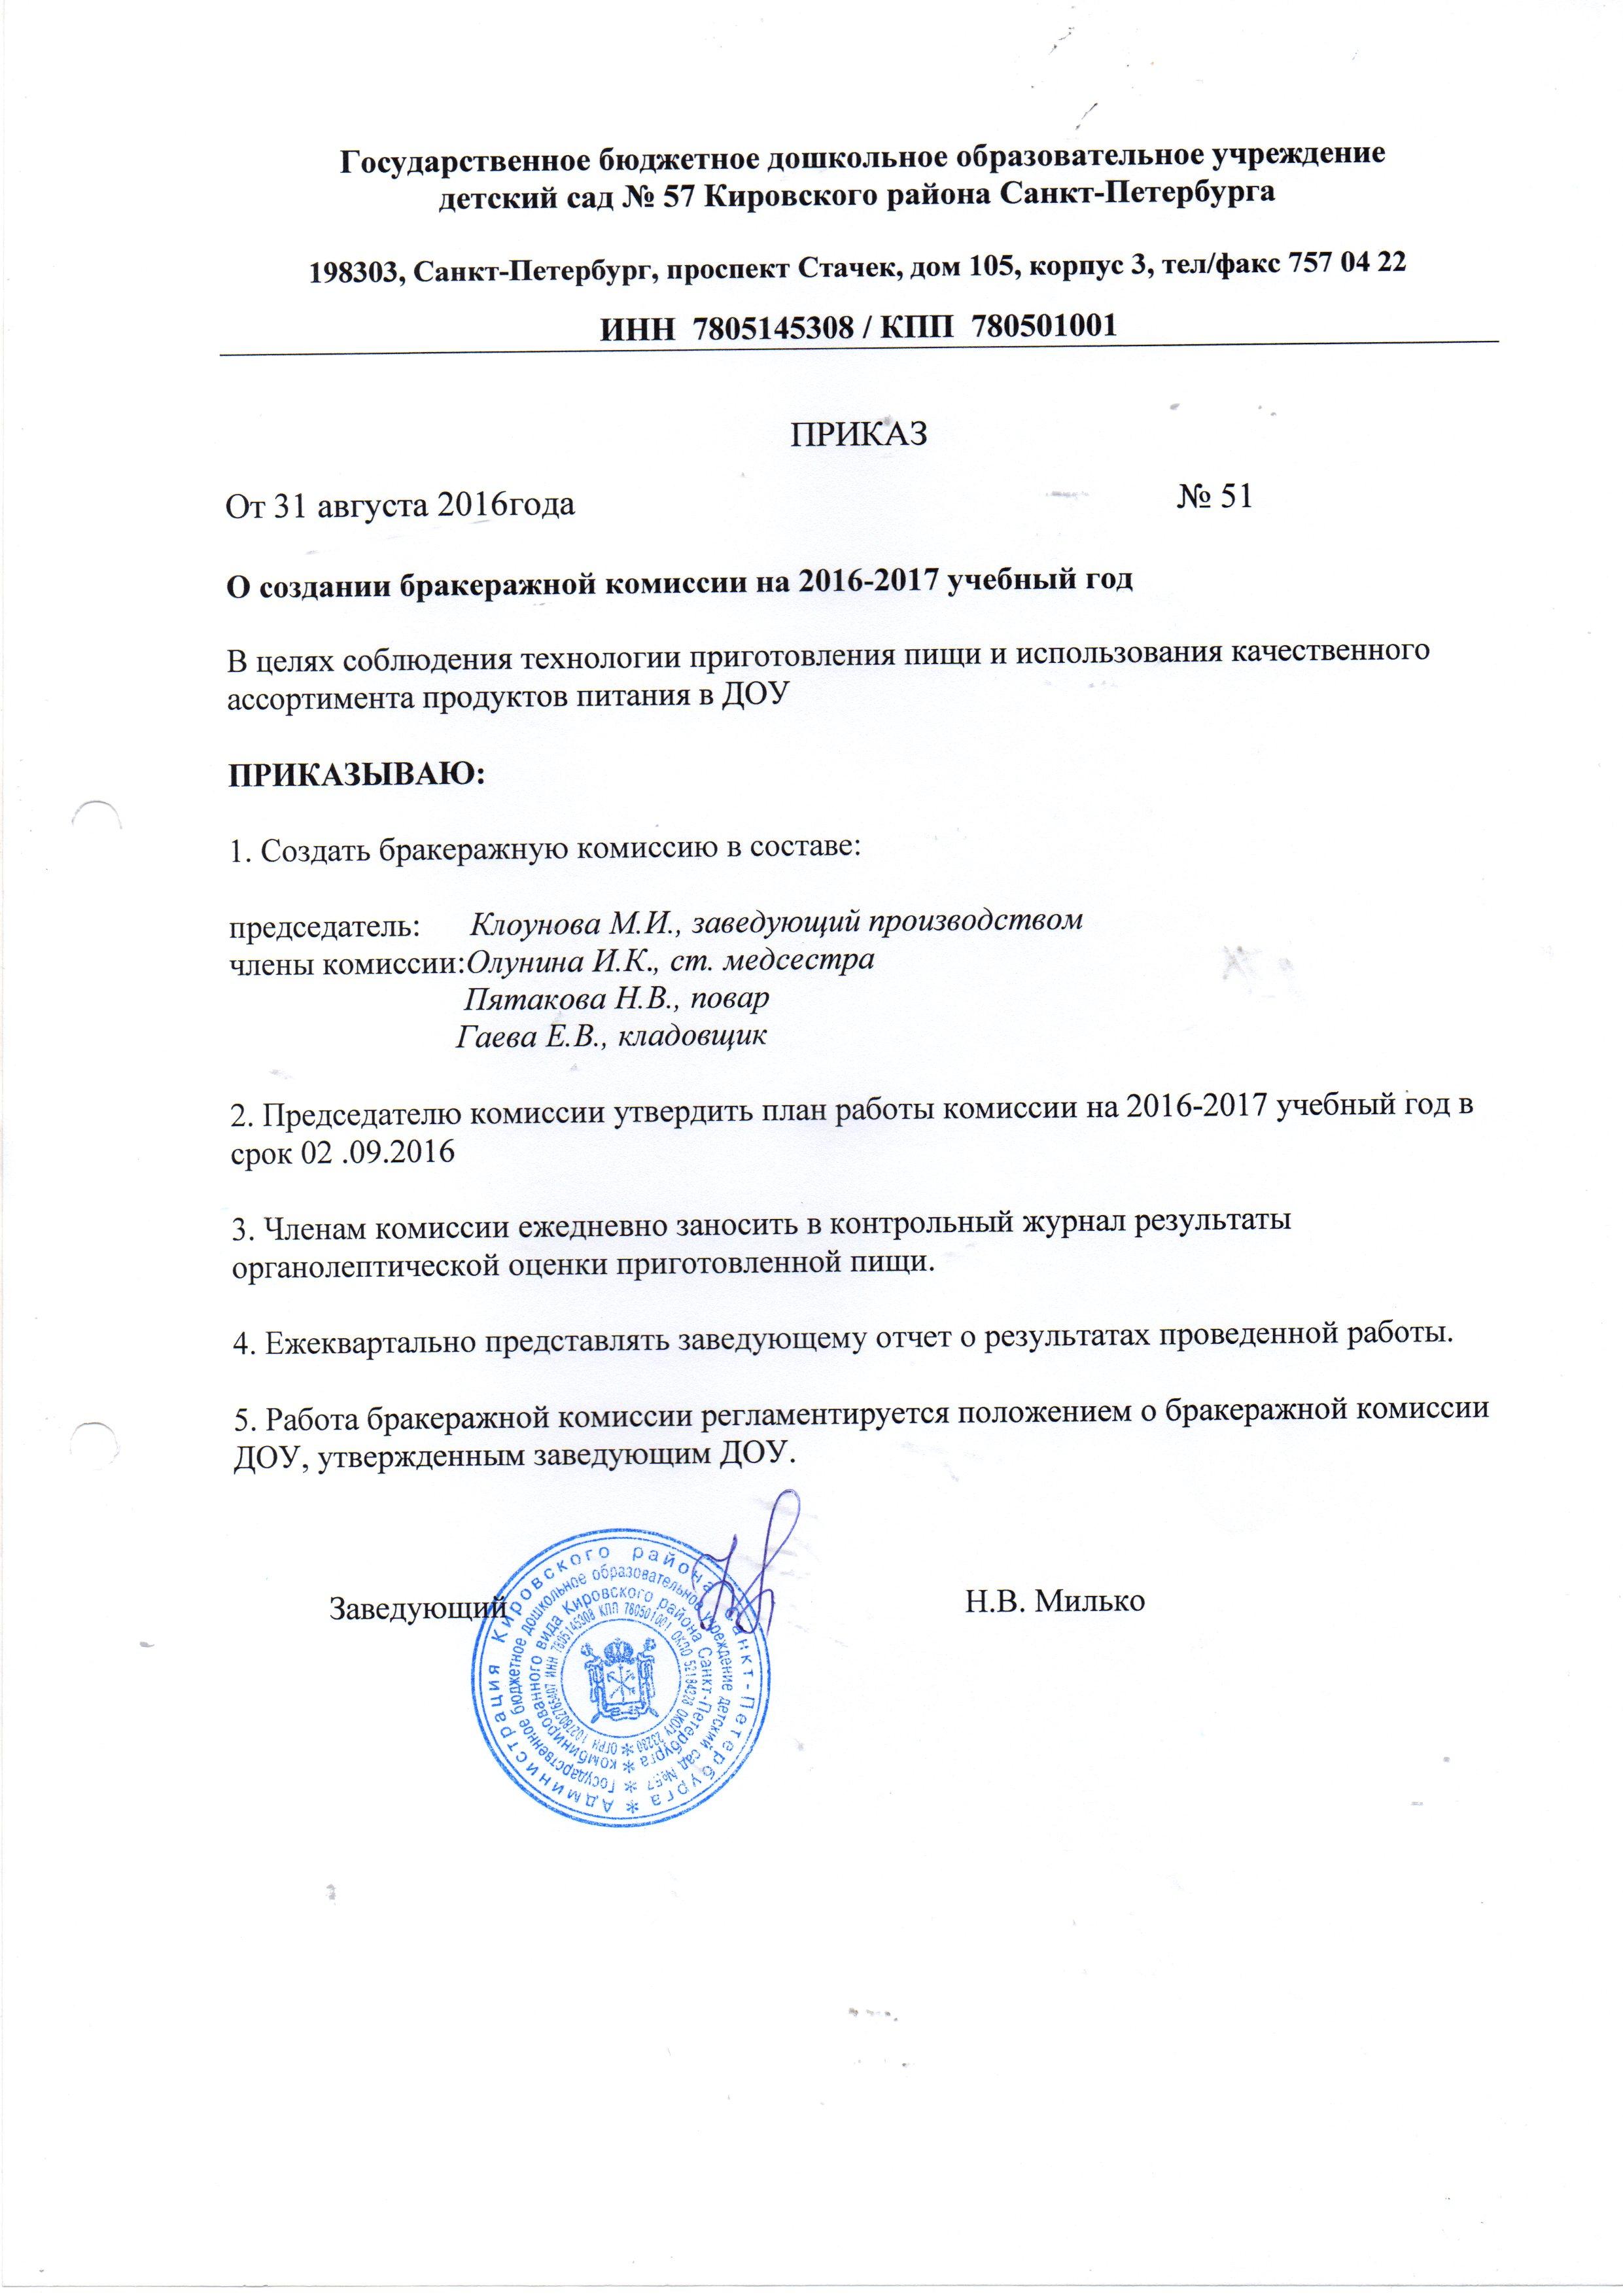 Приказ о создание бракеражной комиссии » мбдоу №18 «красная шапочка».